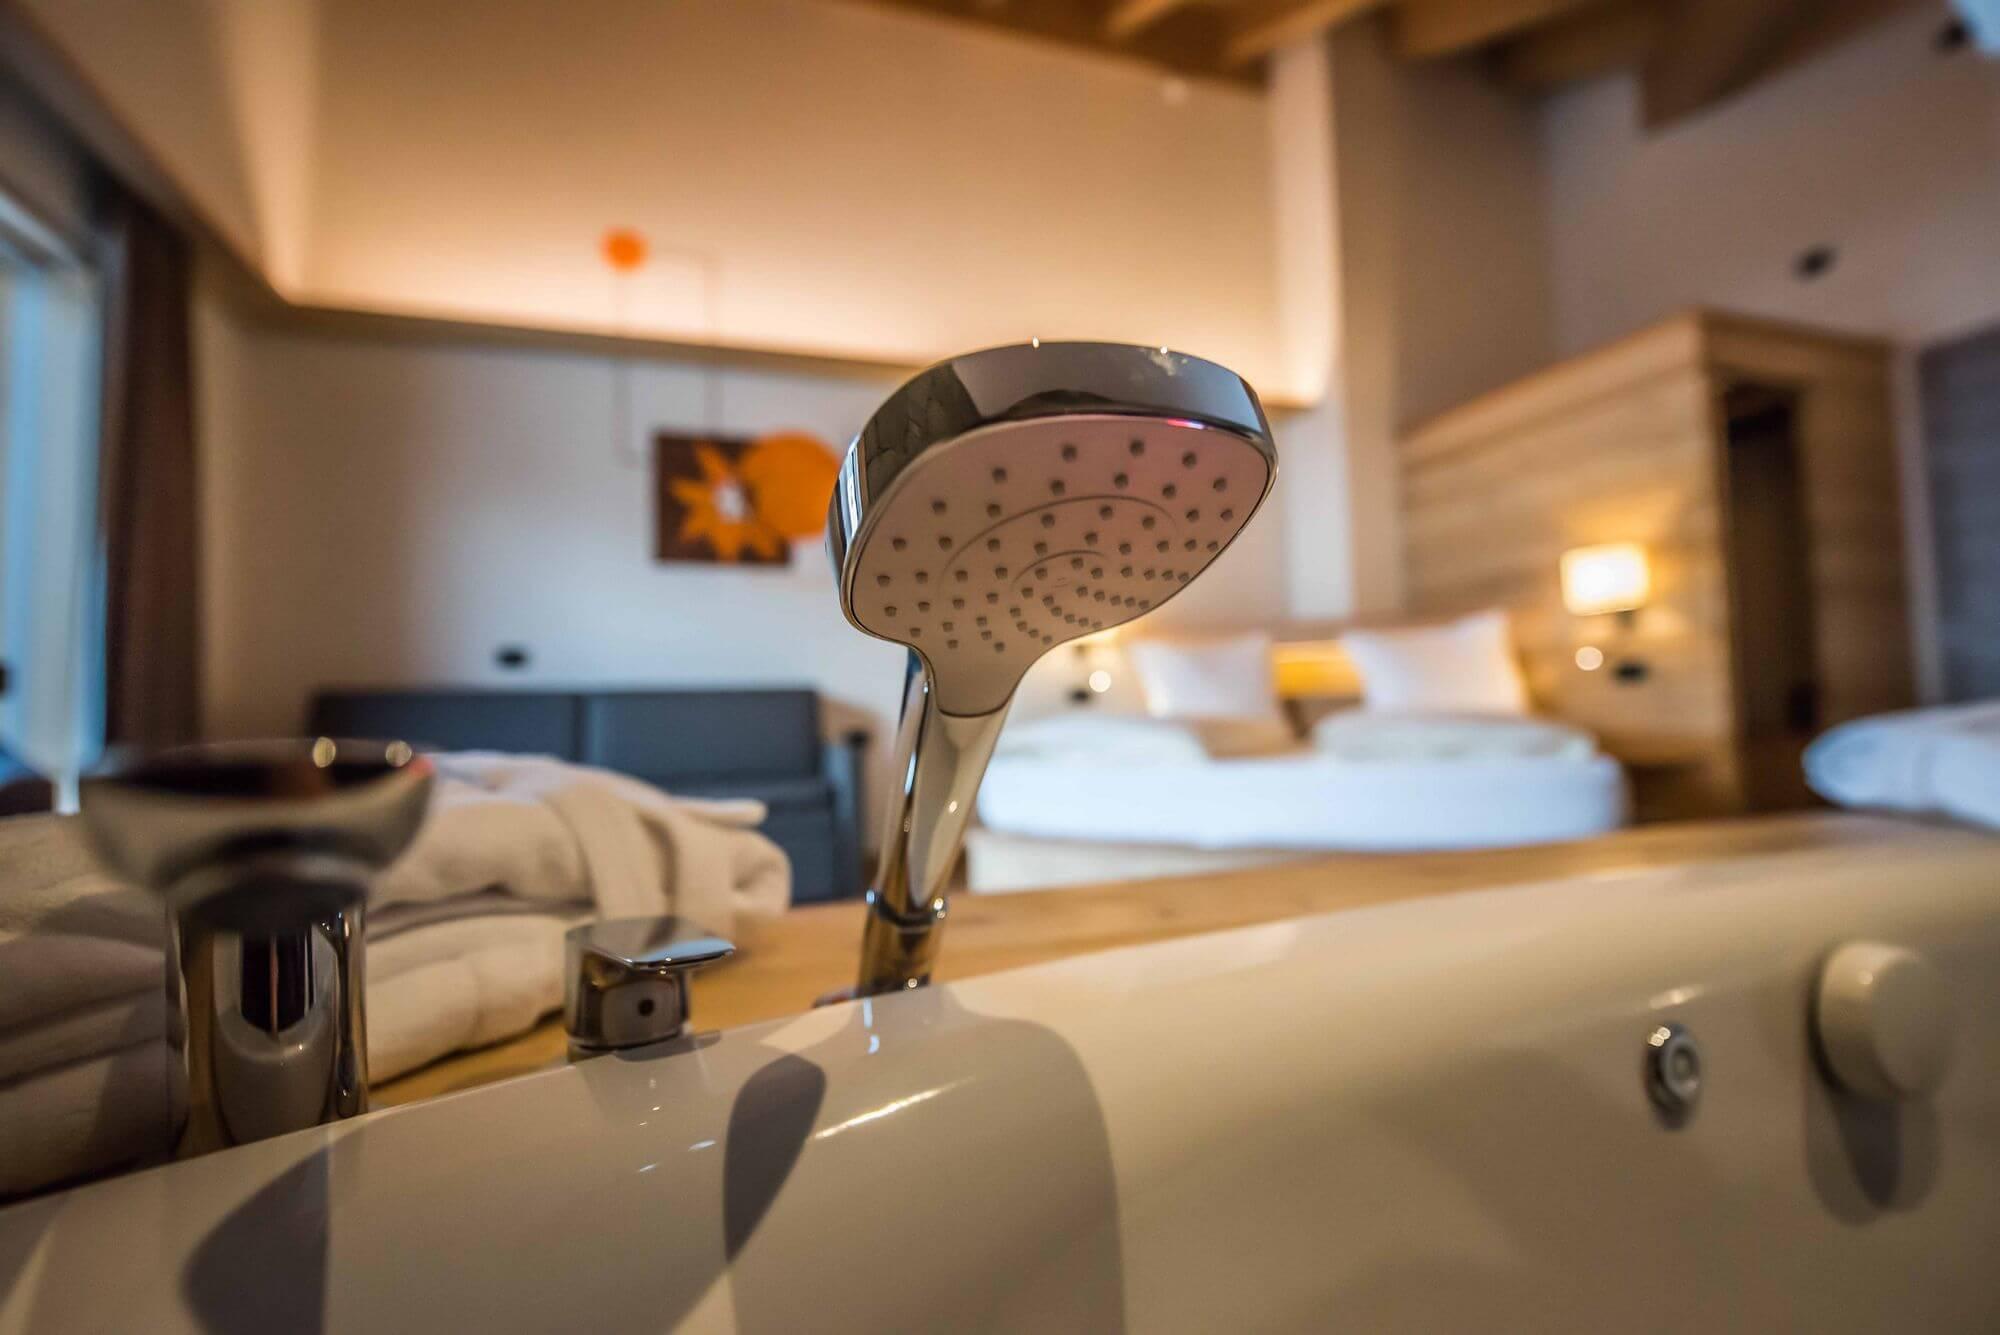 Dettaglio vasca idromassaggio: Hotel Le Alpi a Livigno